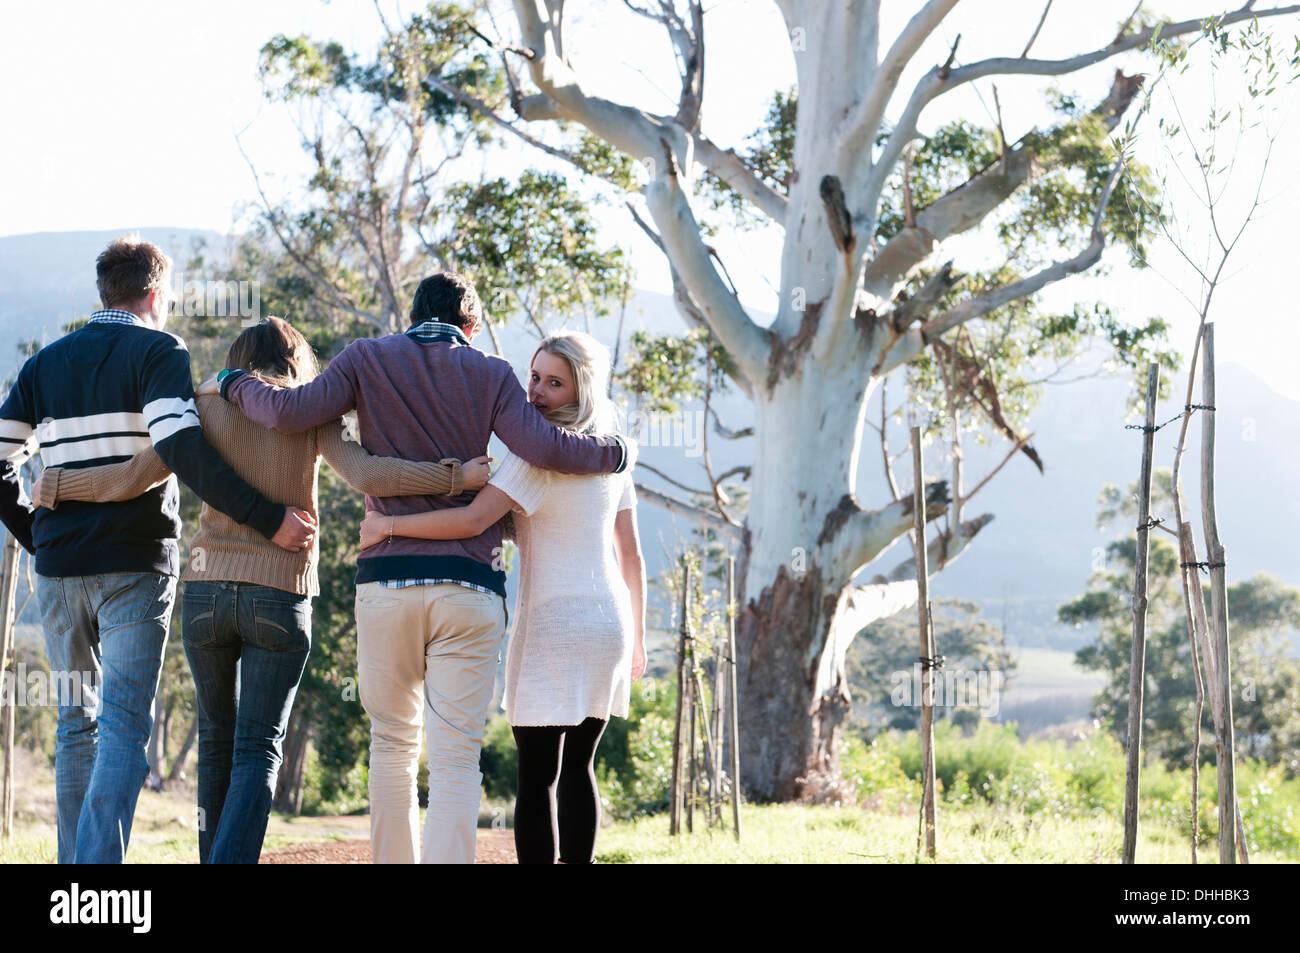 Balades dans la campagne avec des amis autour d'armes Photo Stock